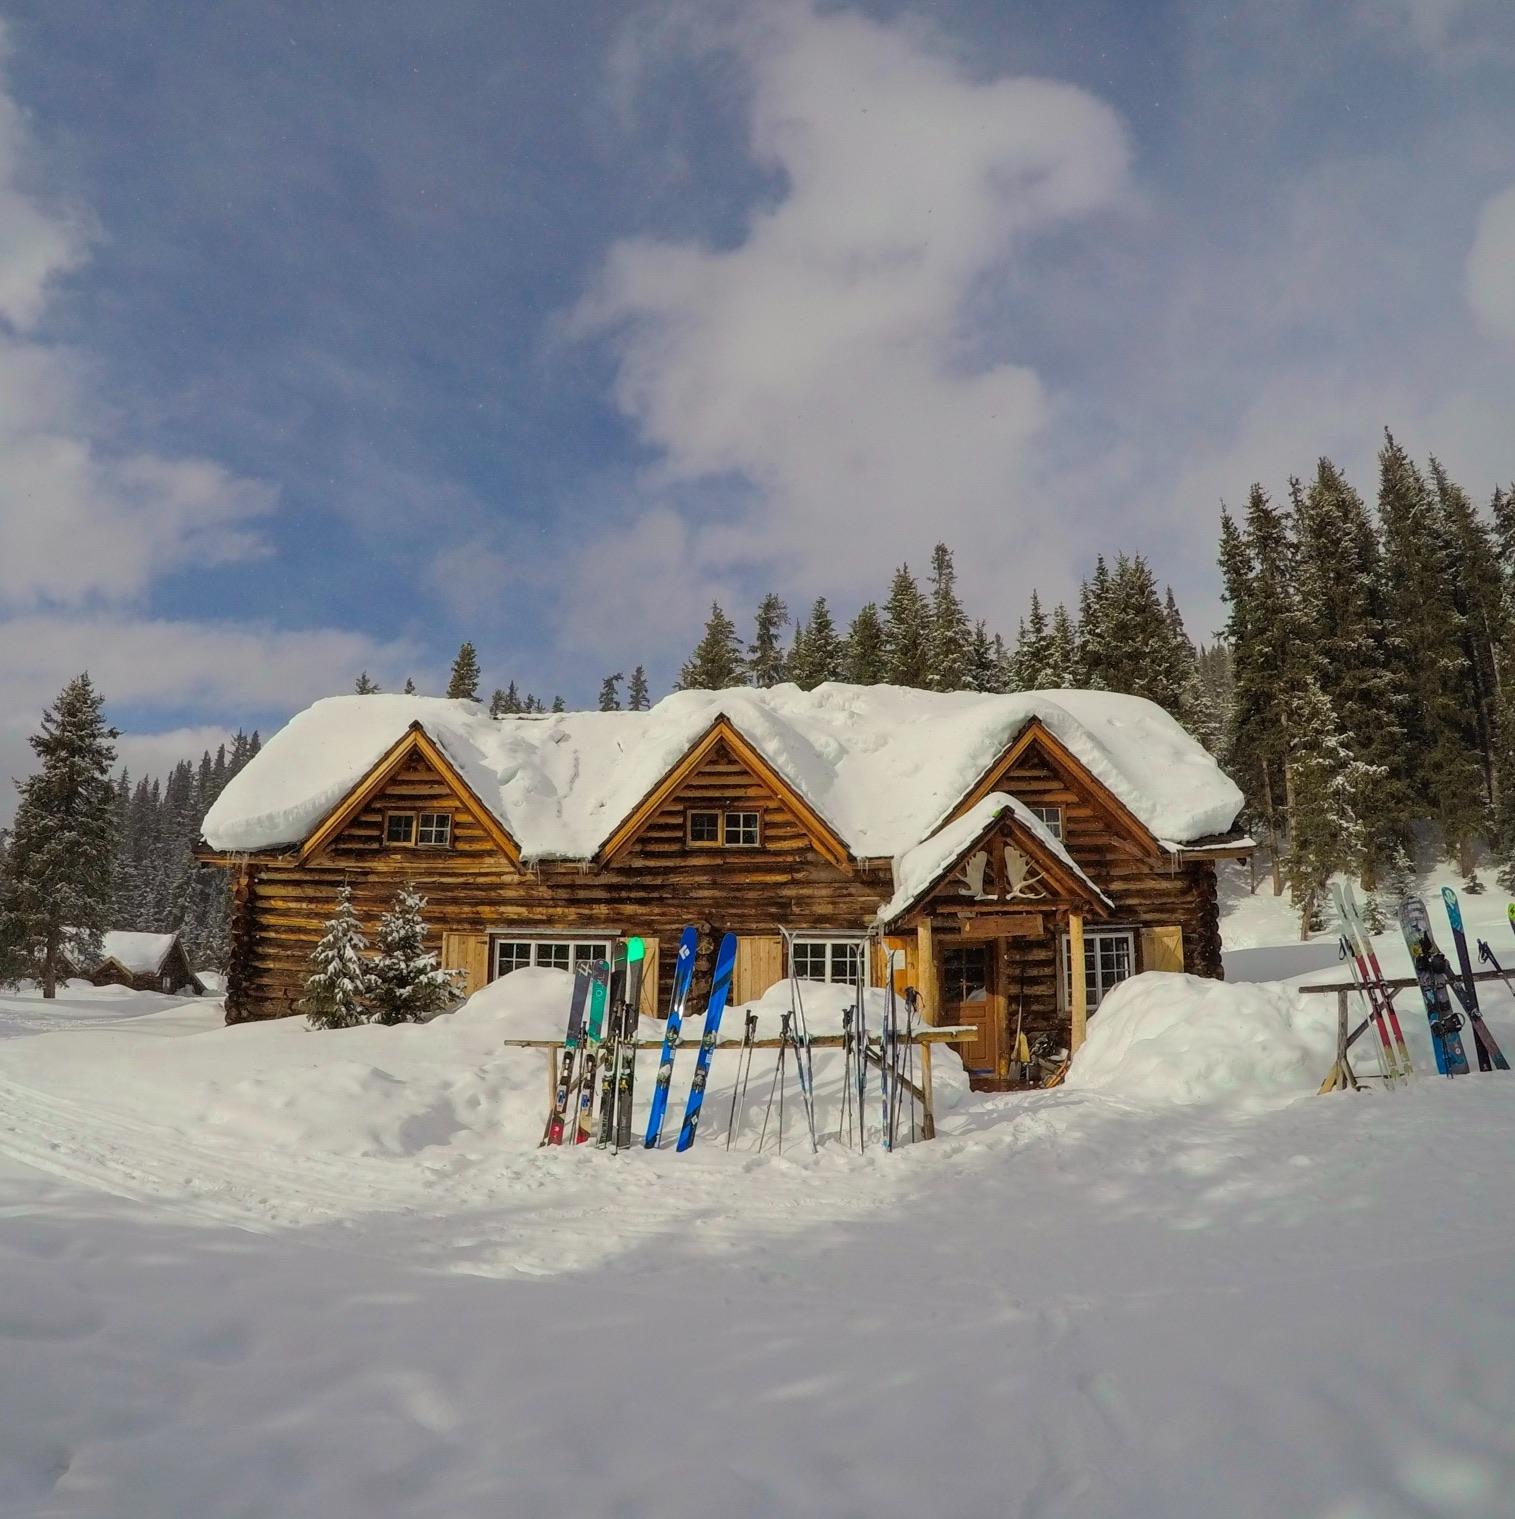 Skoki Lodge in winter